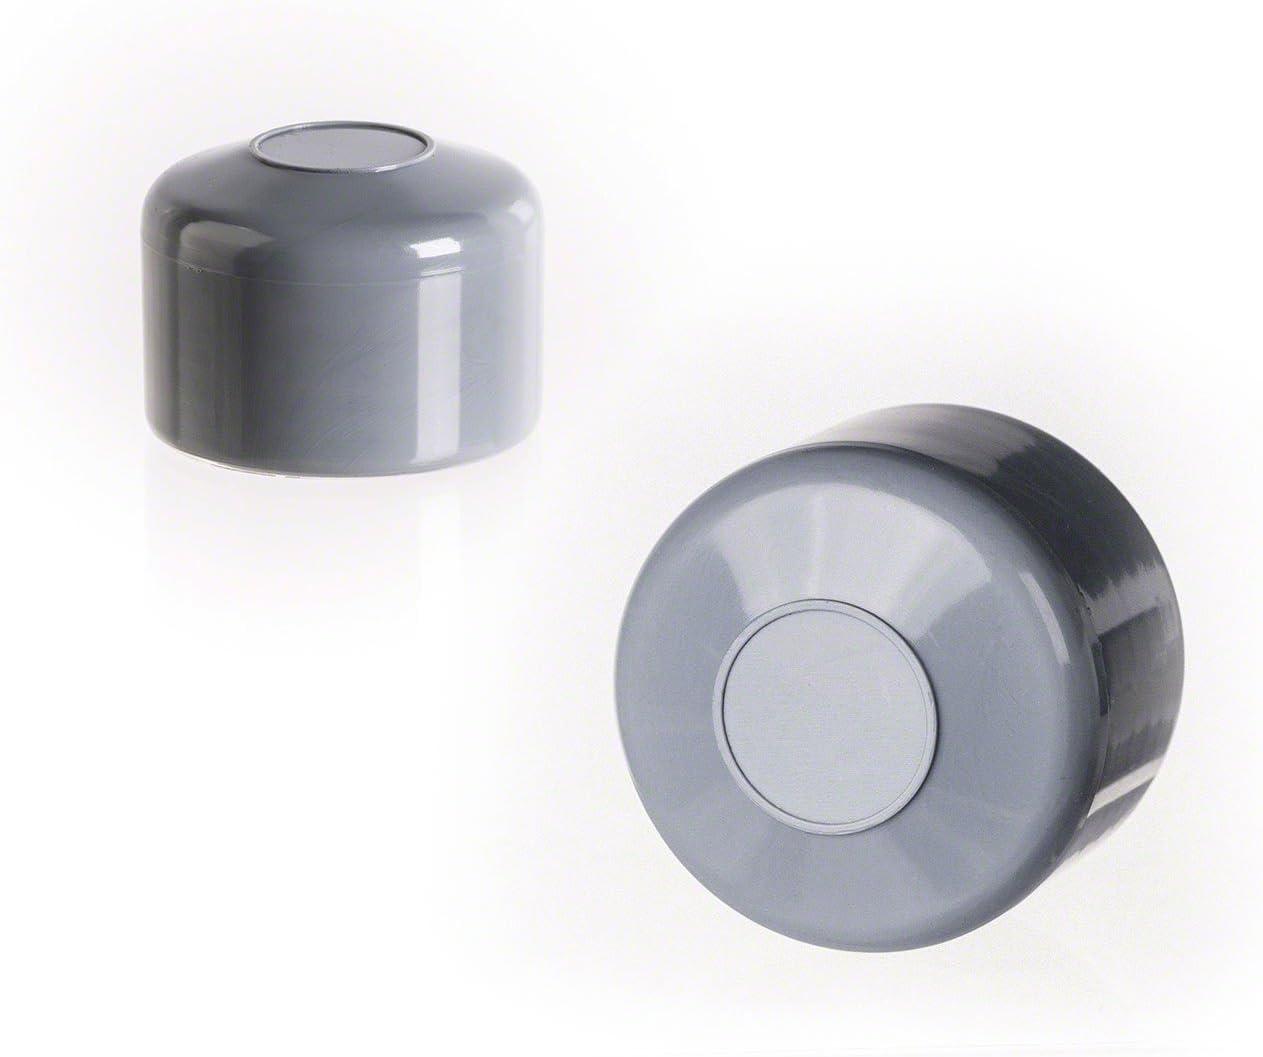 10 Stck Zaunpfahlkappe rund 42 mm Grau Kunststoff Pfostenkappen Abdeckkappen